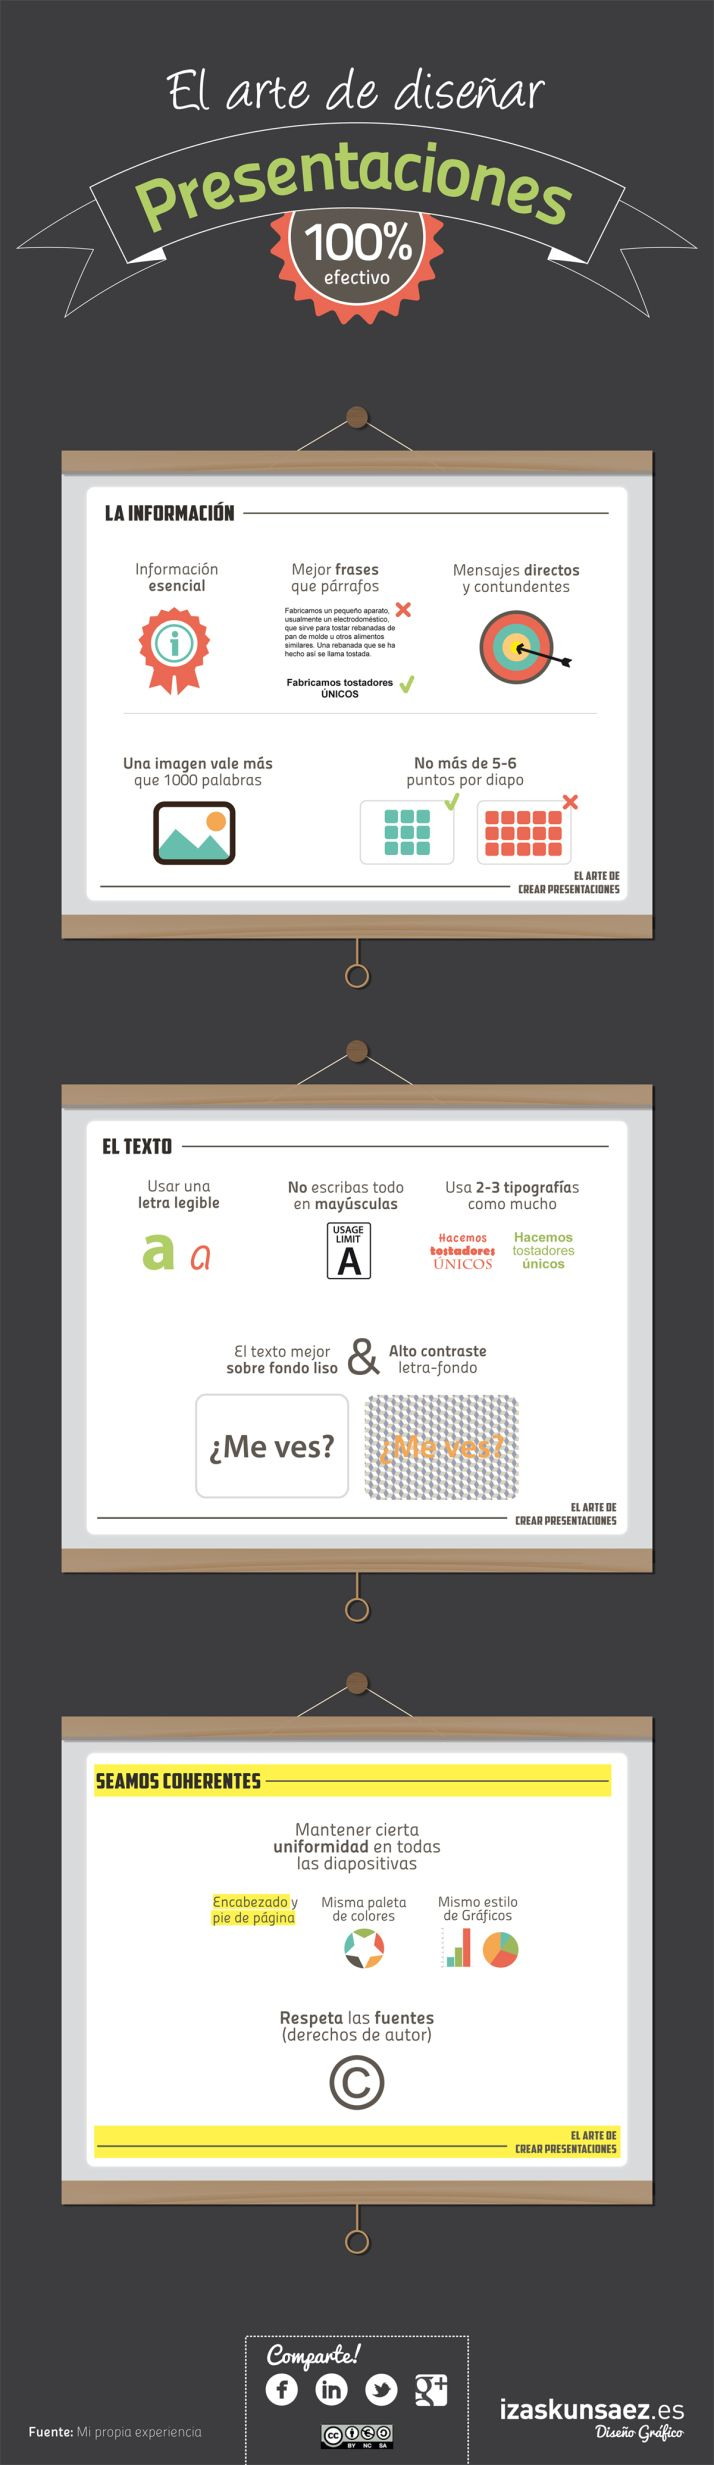 Infografía: El arte de diseñar buenas presentaciones